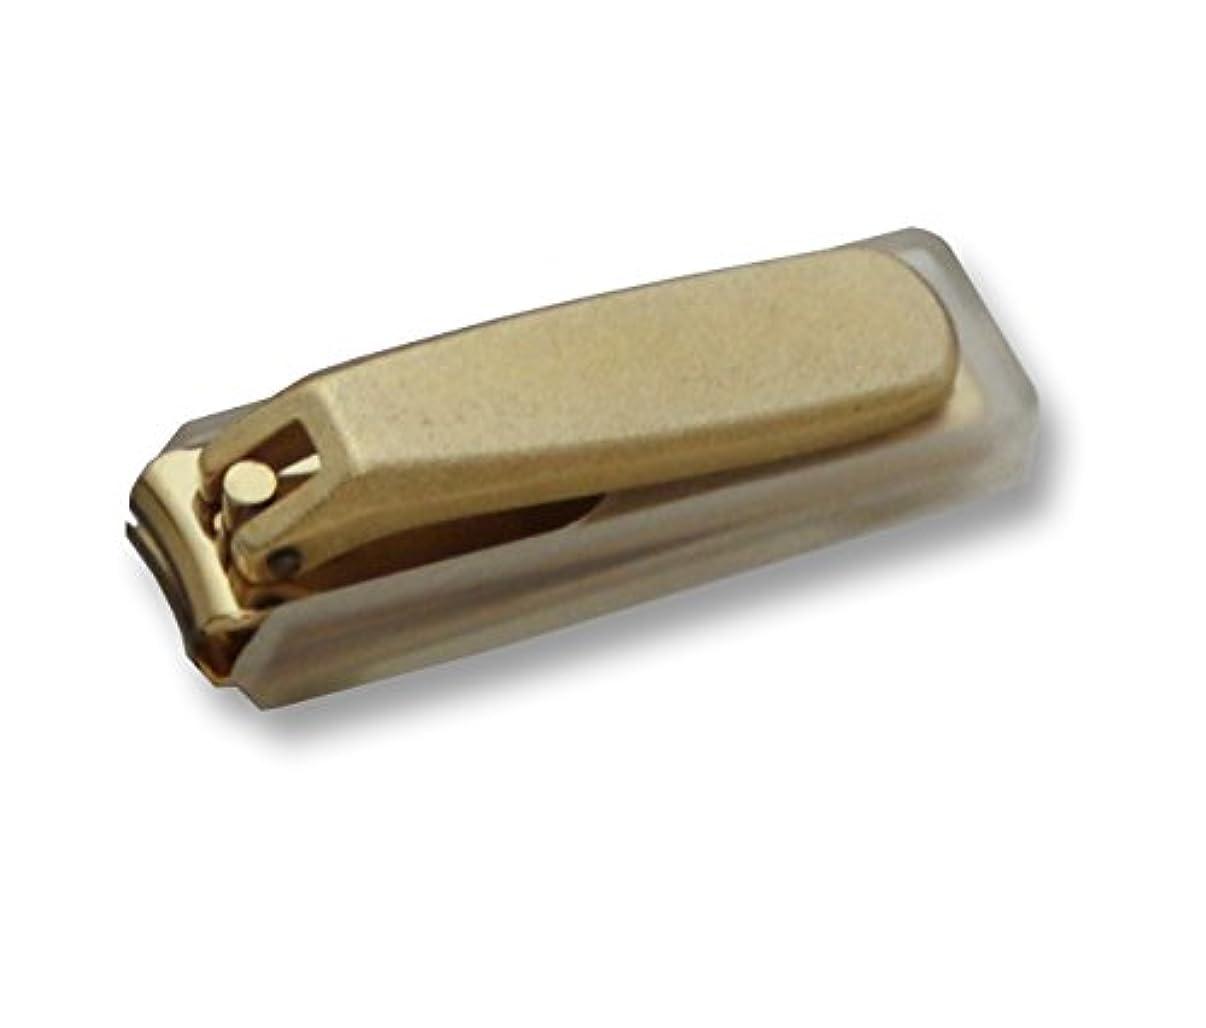 ビリーヤギ予知重くするKD-032 関の刃物 ゴールド爪切 小 カバー付